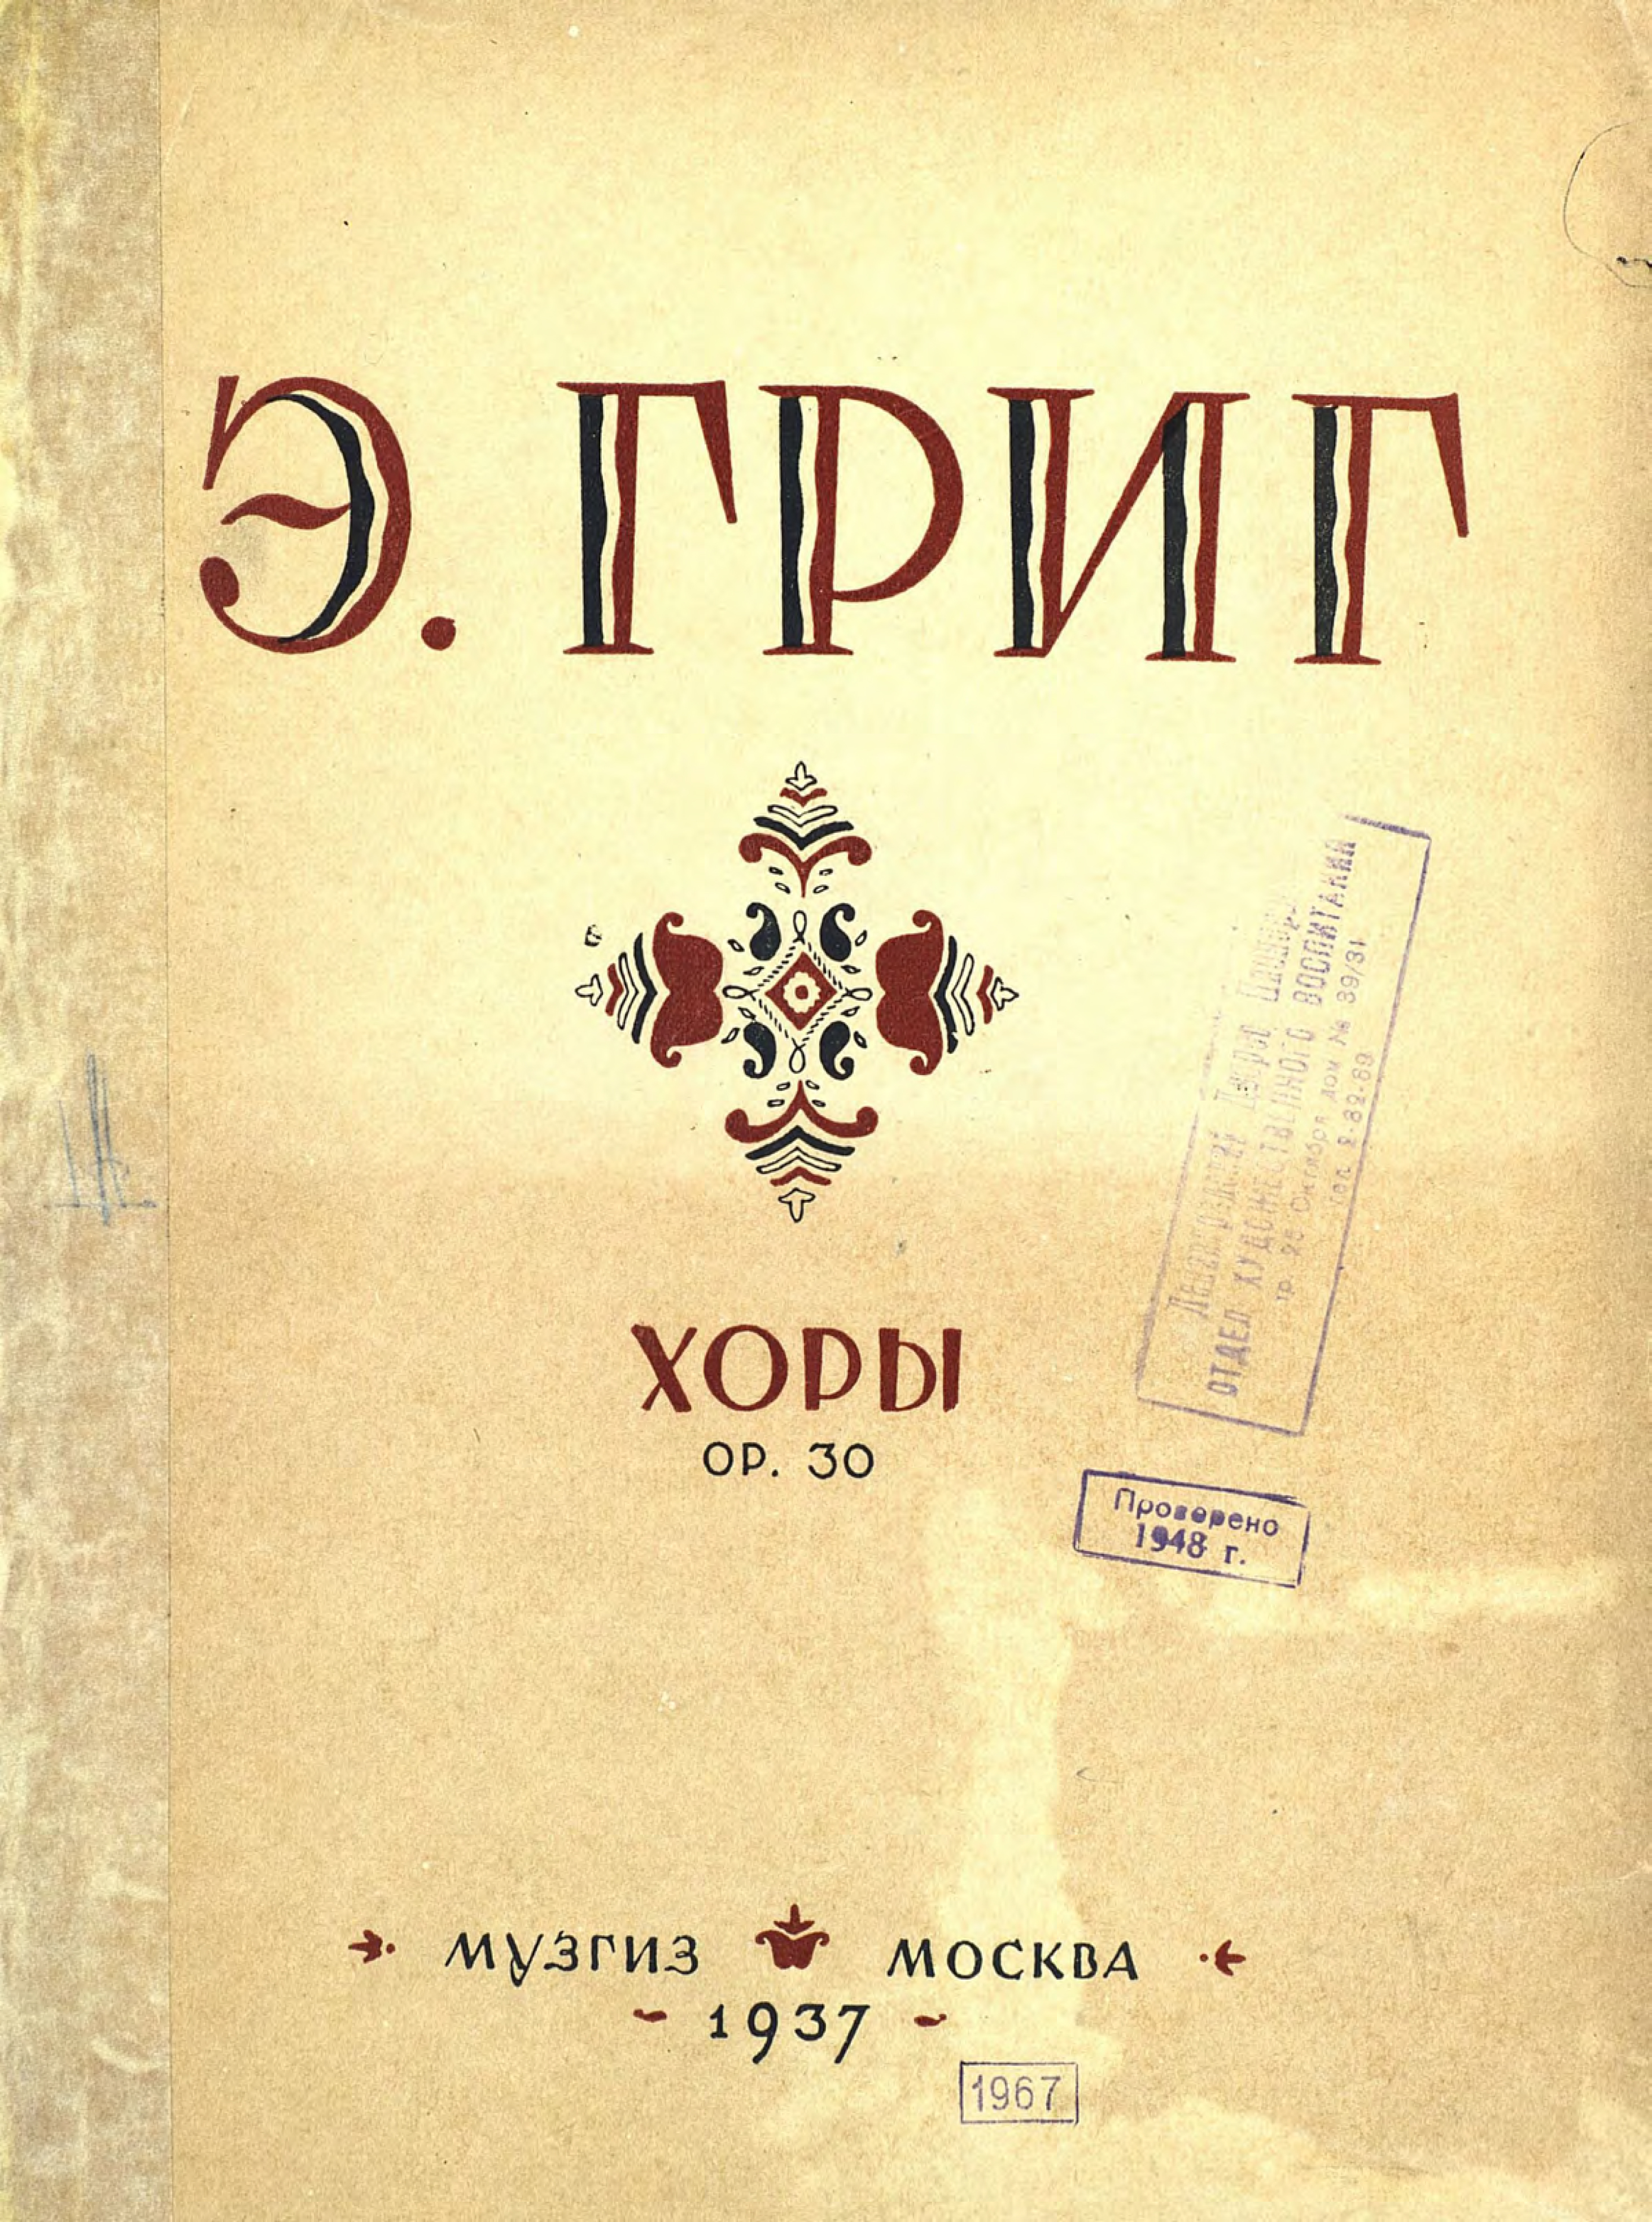 Эдвард Григ Сборник хоров для мужских голосов распродажа полуботинок мужских